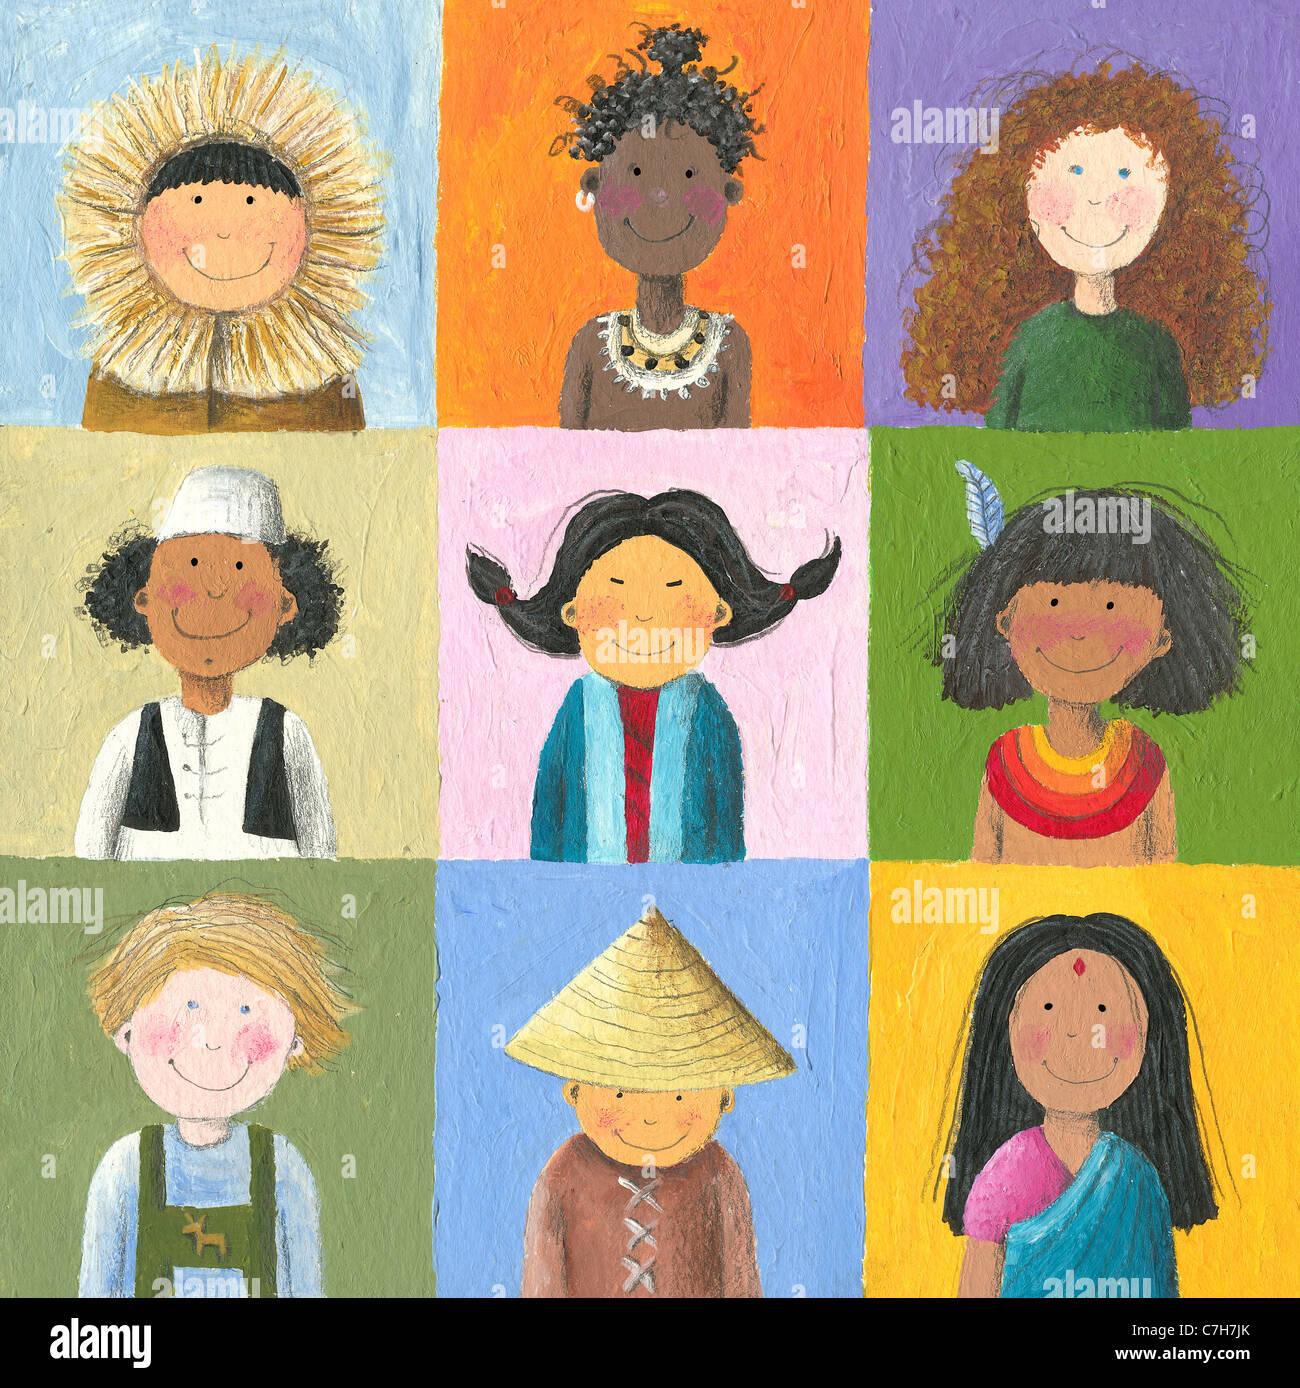 Illustrazione in acrilico di felici i bambini di tutto il mondo Immagini Stock